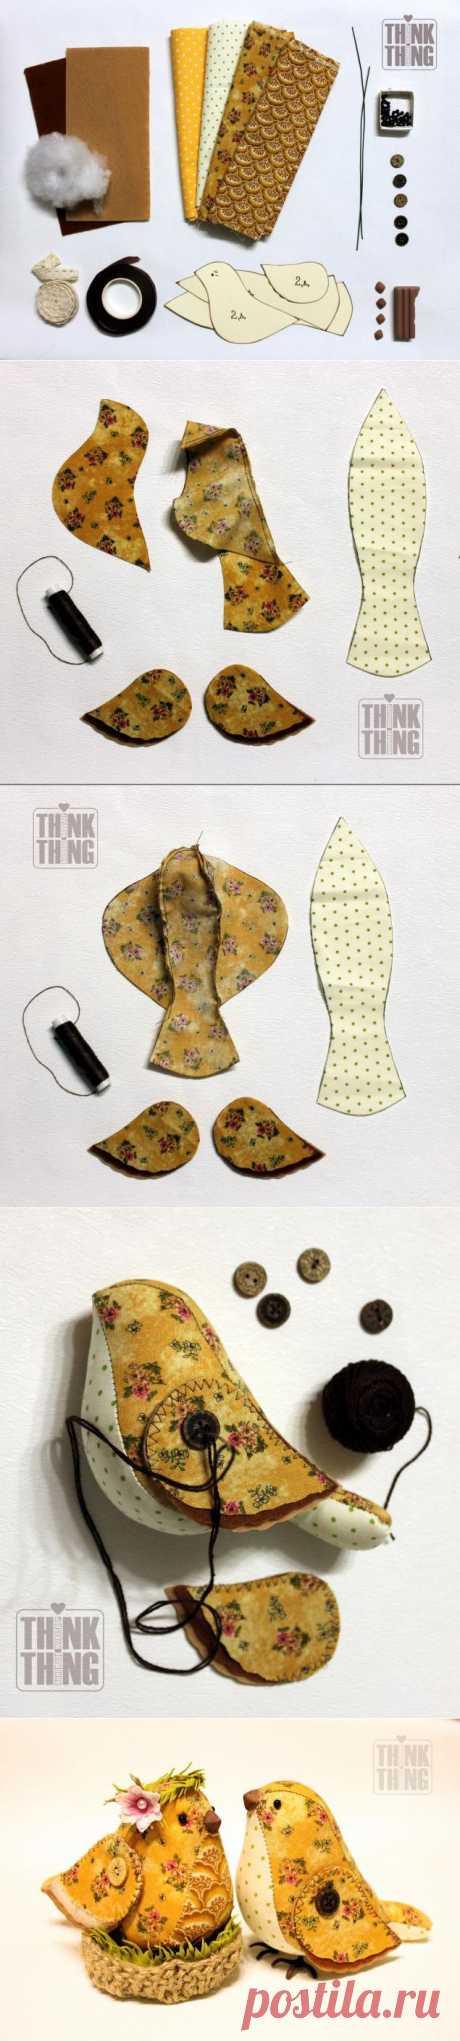 """Как сделать сувенир """"Весенние птички"""" - Ярмарка Мастеров - ручная работа, handmade"""